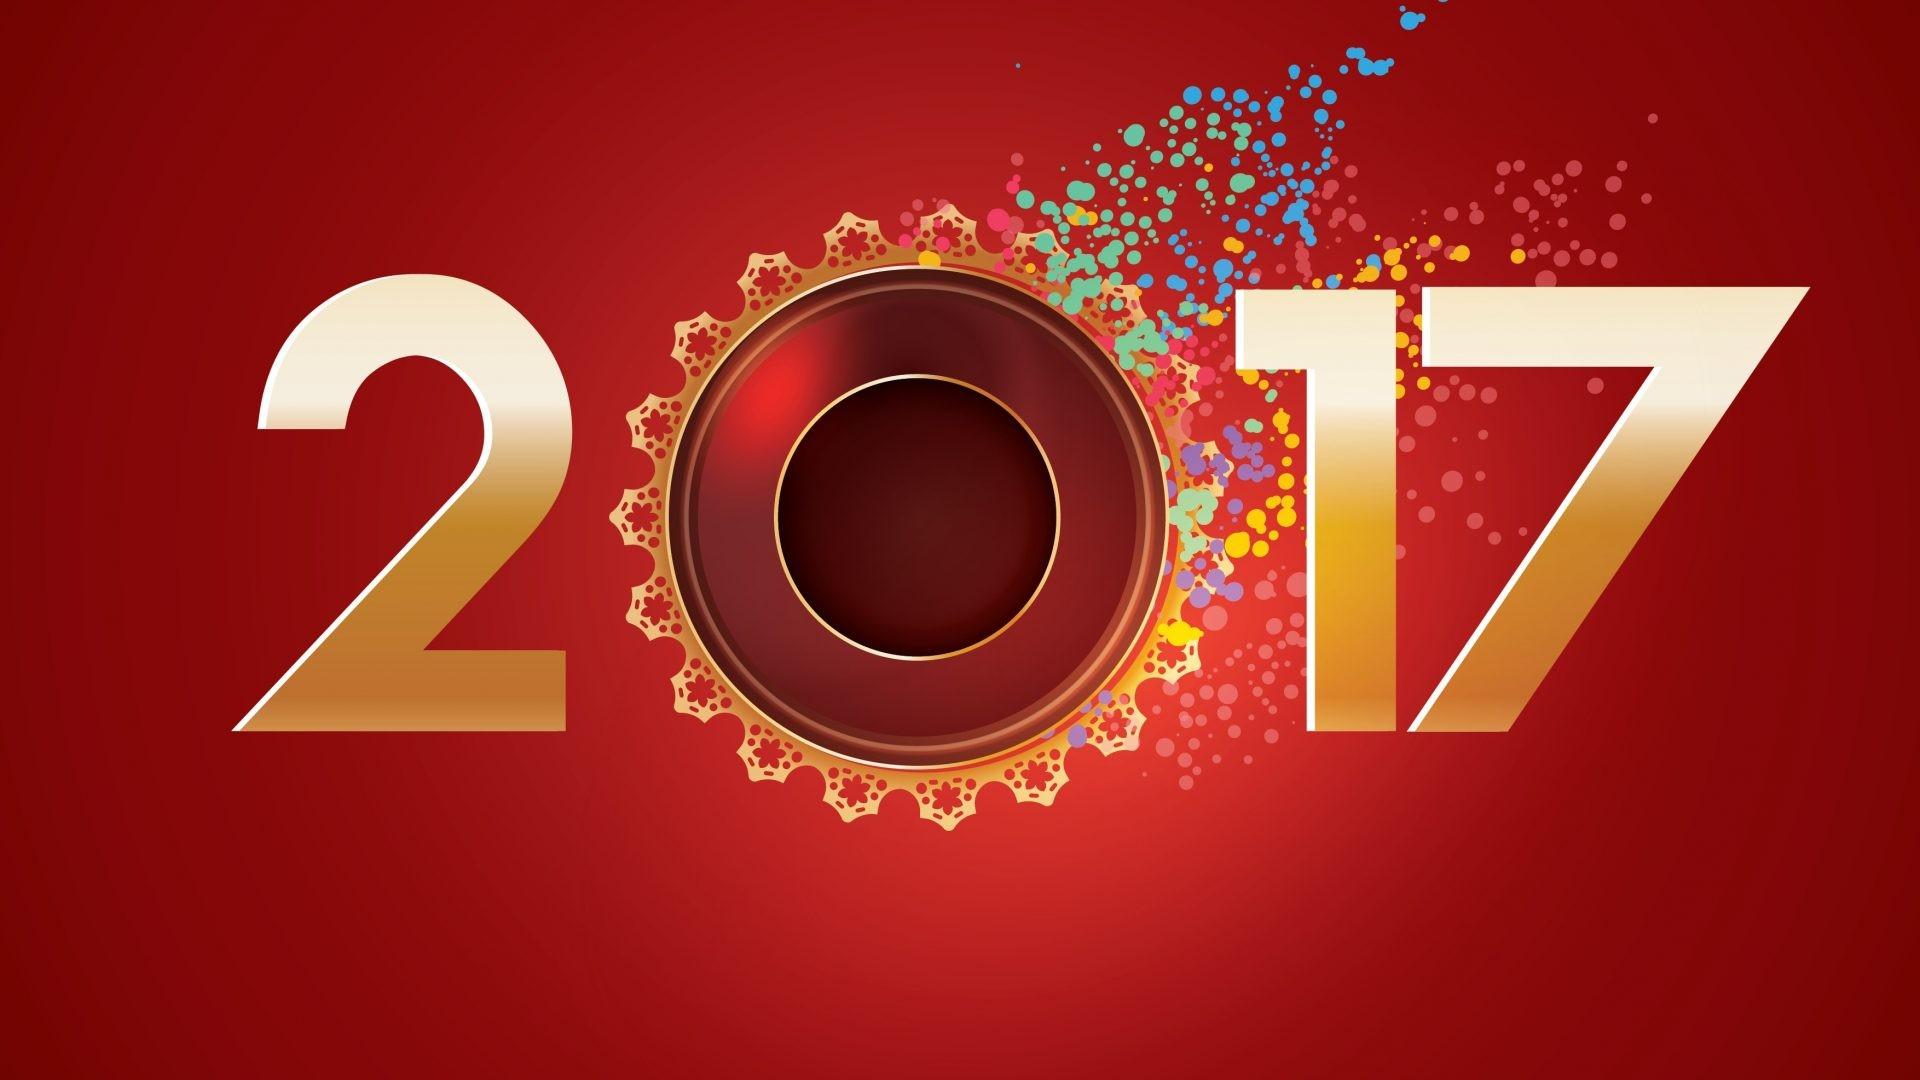 10 fonds d cran pour souhaiter une bonne ann e 2017 for Ecran photo 2018